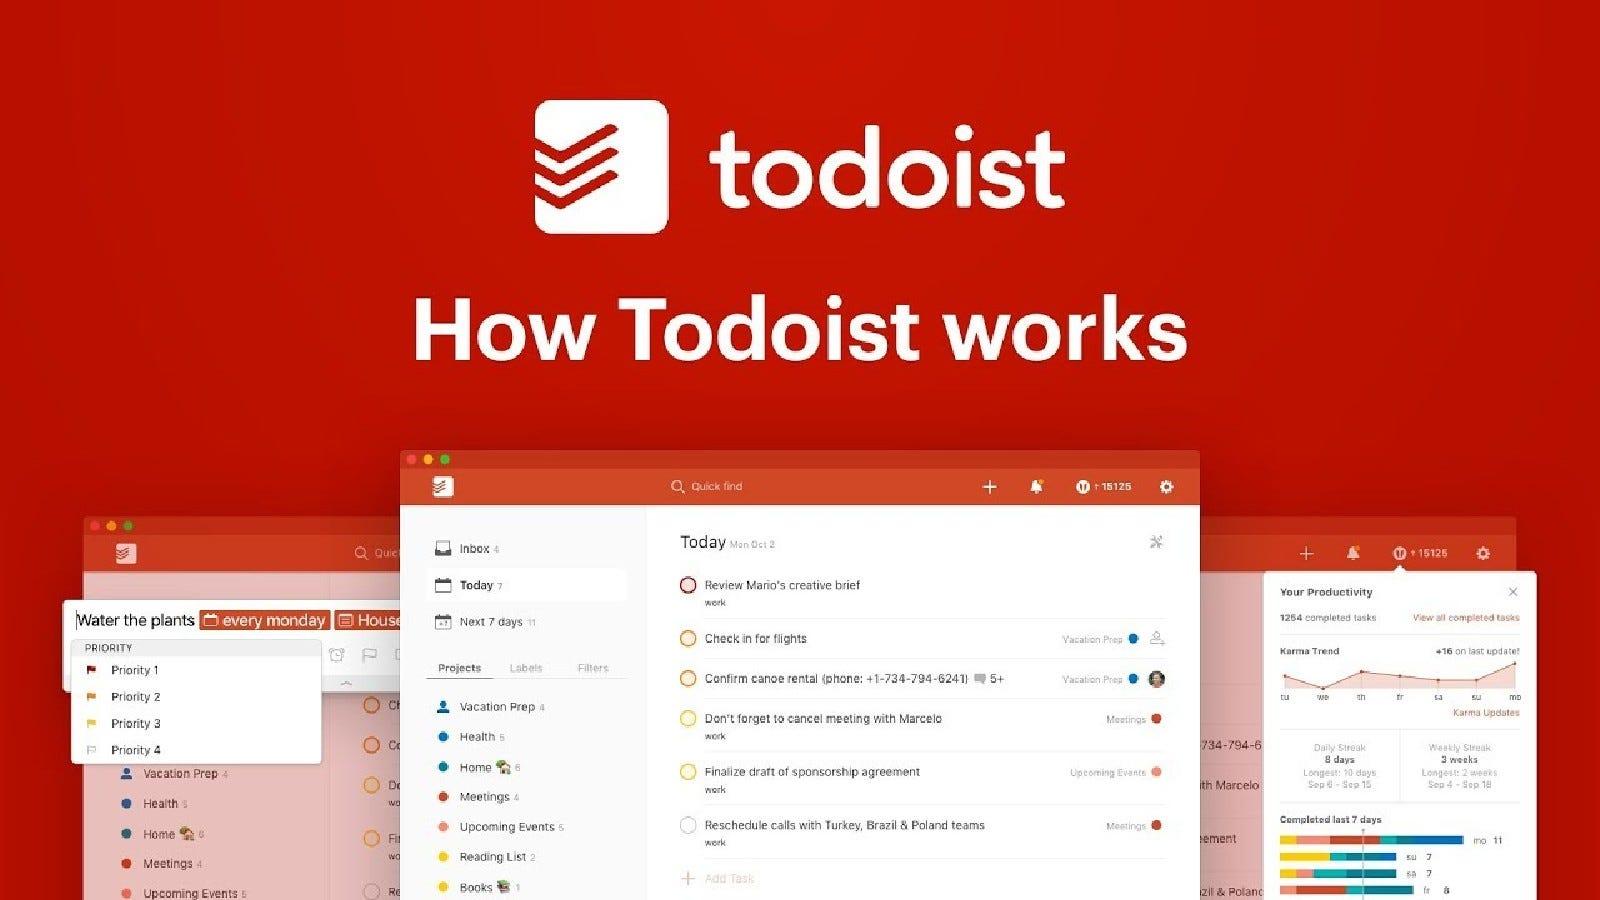 The Todoist website.